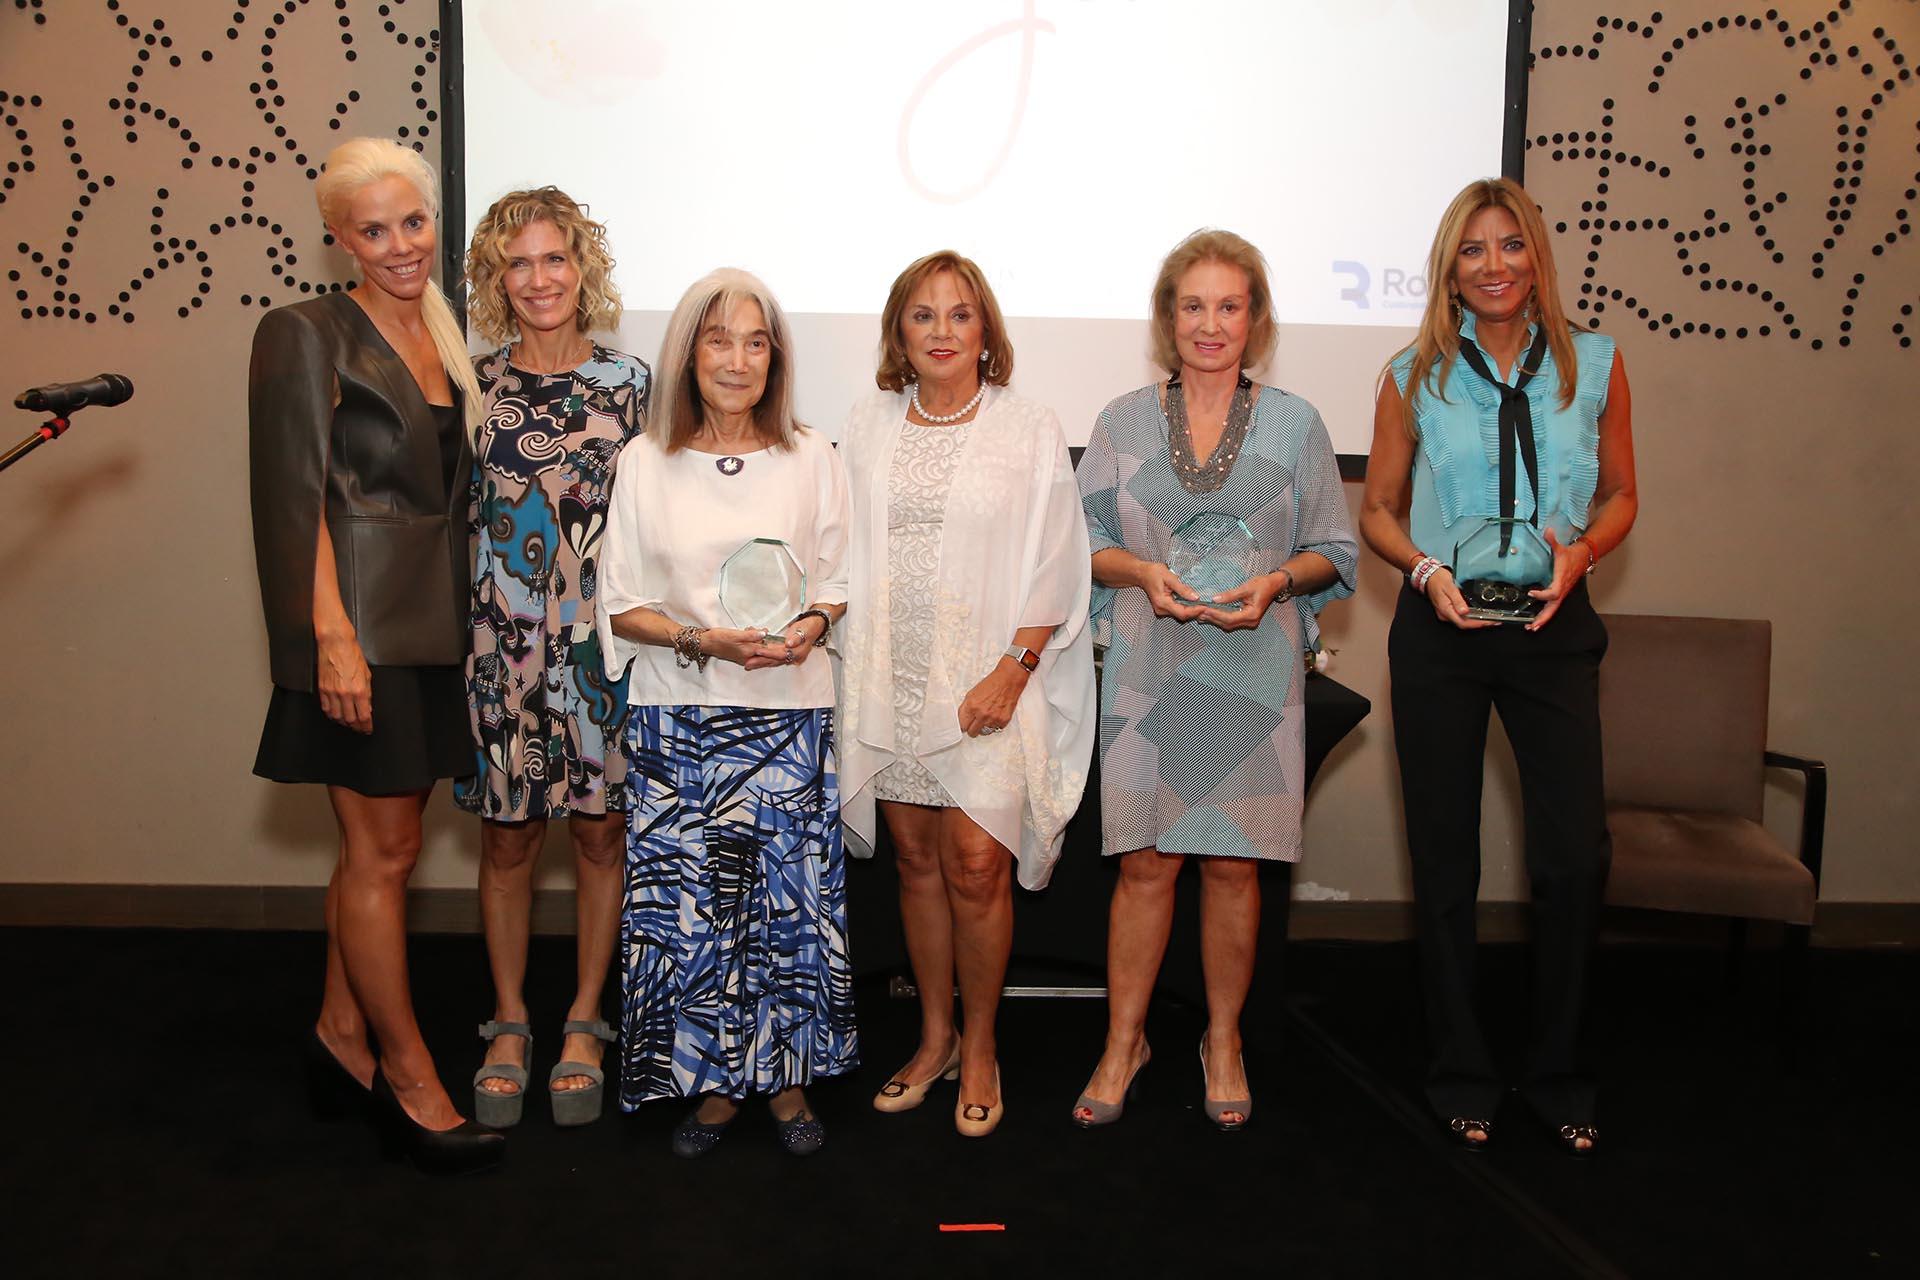 Los premios fueron entregados por Eugenia y Agustina Rossi, presidente y directora de la FundaciónDr Enrique Rossi, respectivamente. En la foto, posan junto a cuatro de las cinco mujeres galardonadas: (de der a izq) Bettina Bulgheroni, Miriam Bago, María Kodama y Maru Botana